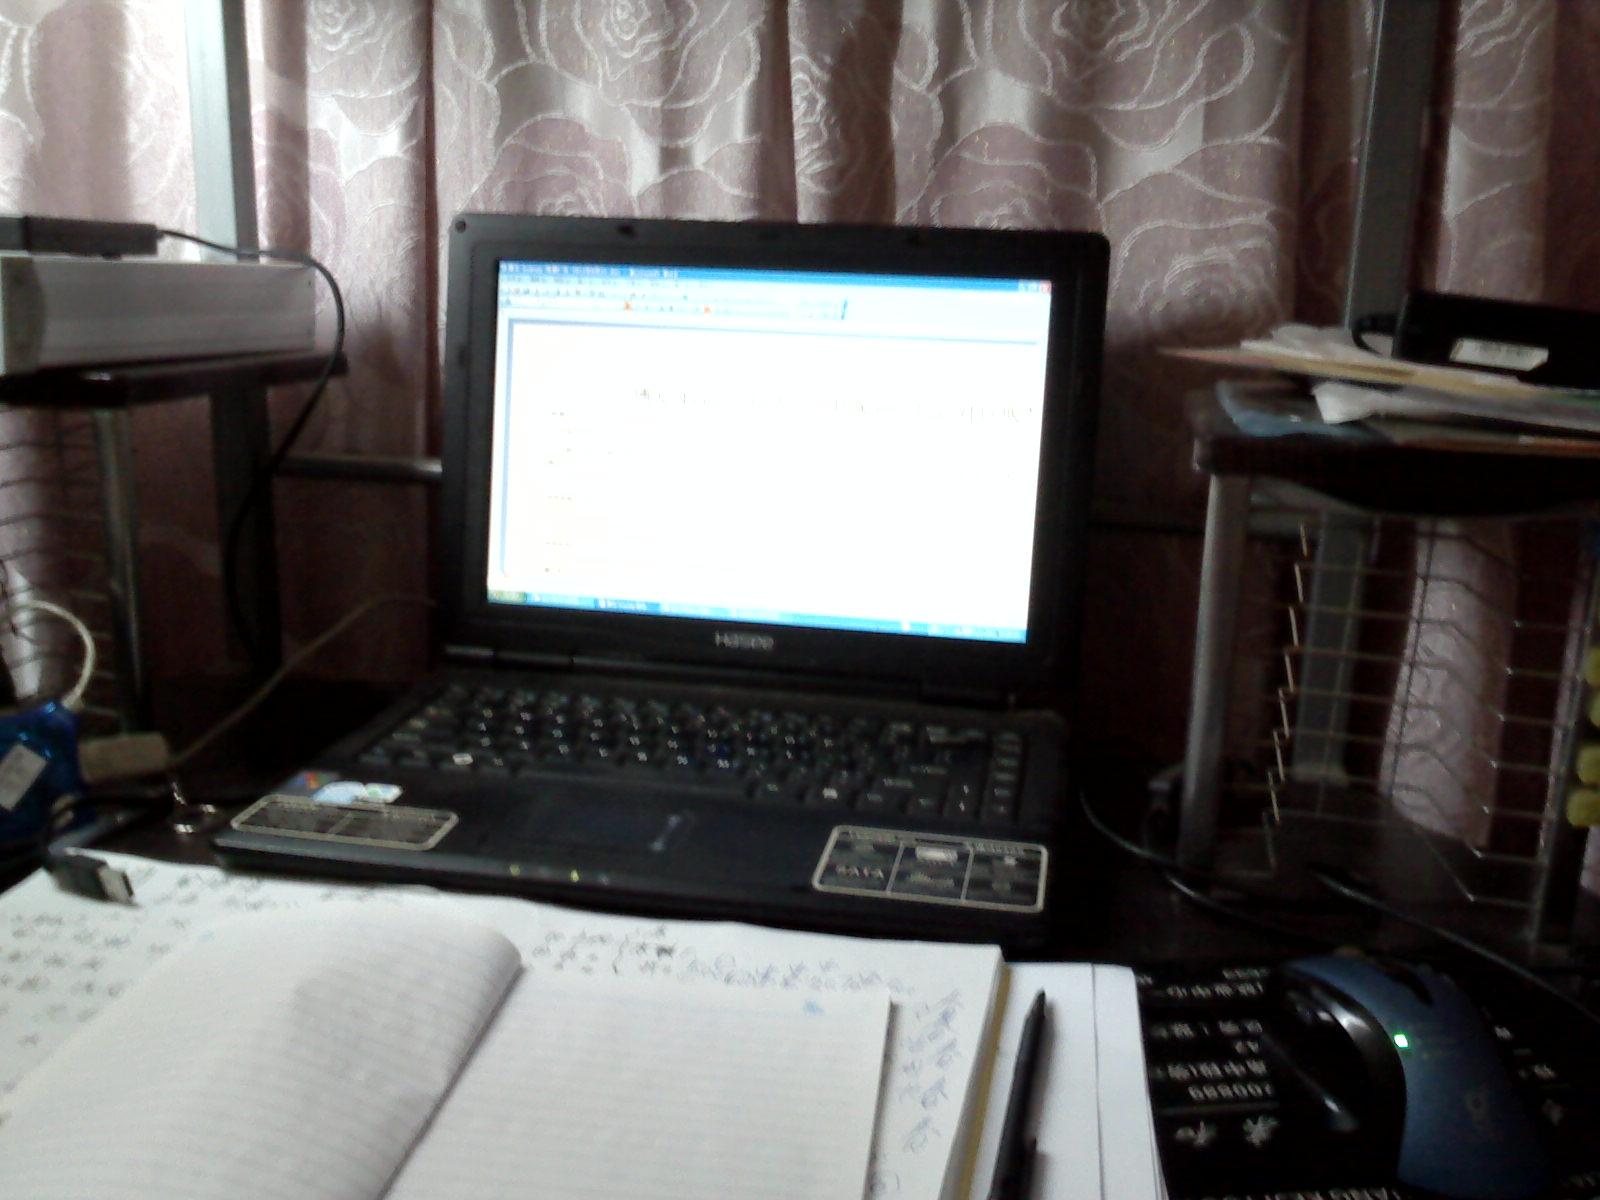 博文-Boweng 疯狂英语 家教式培训